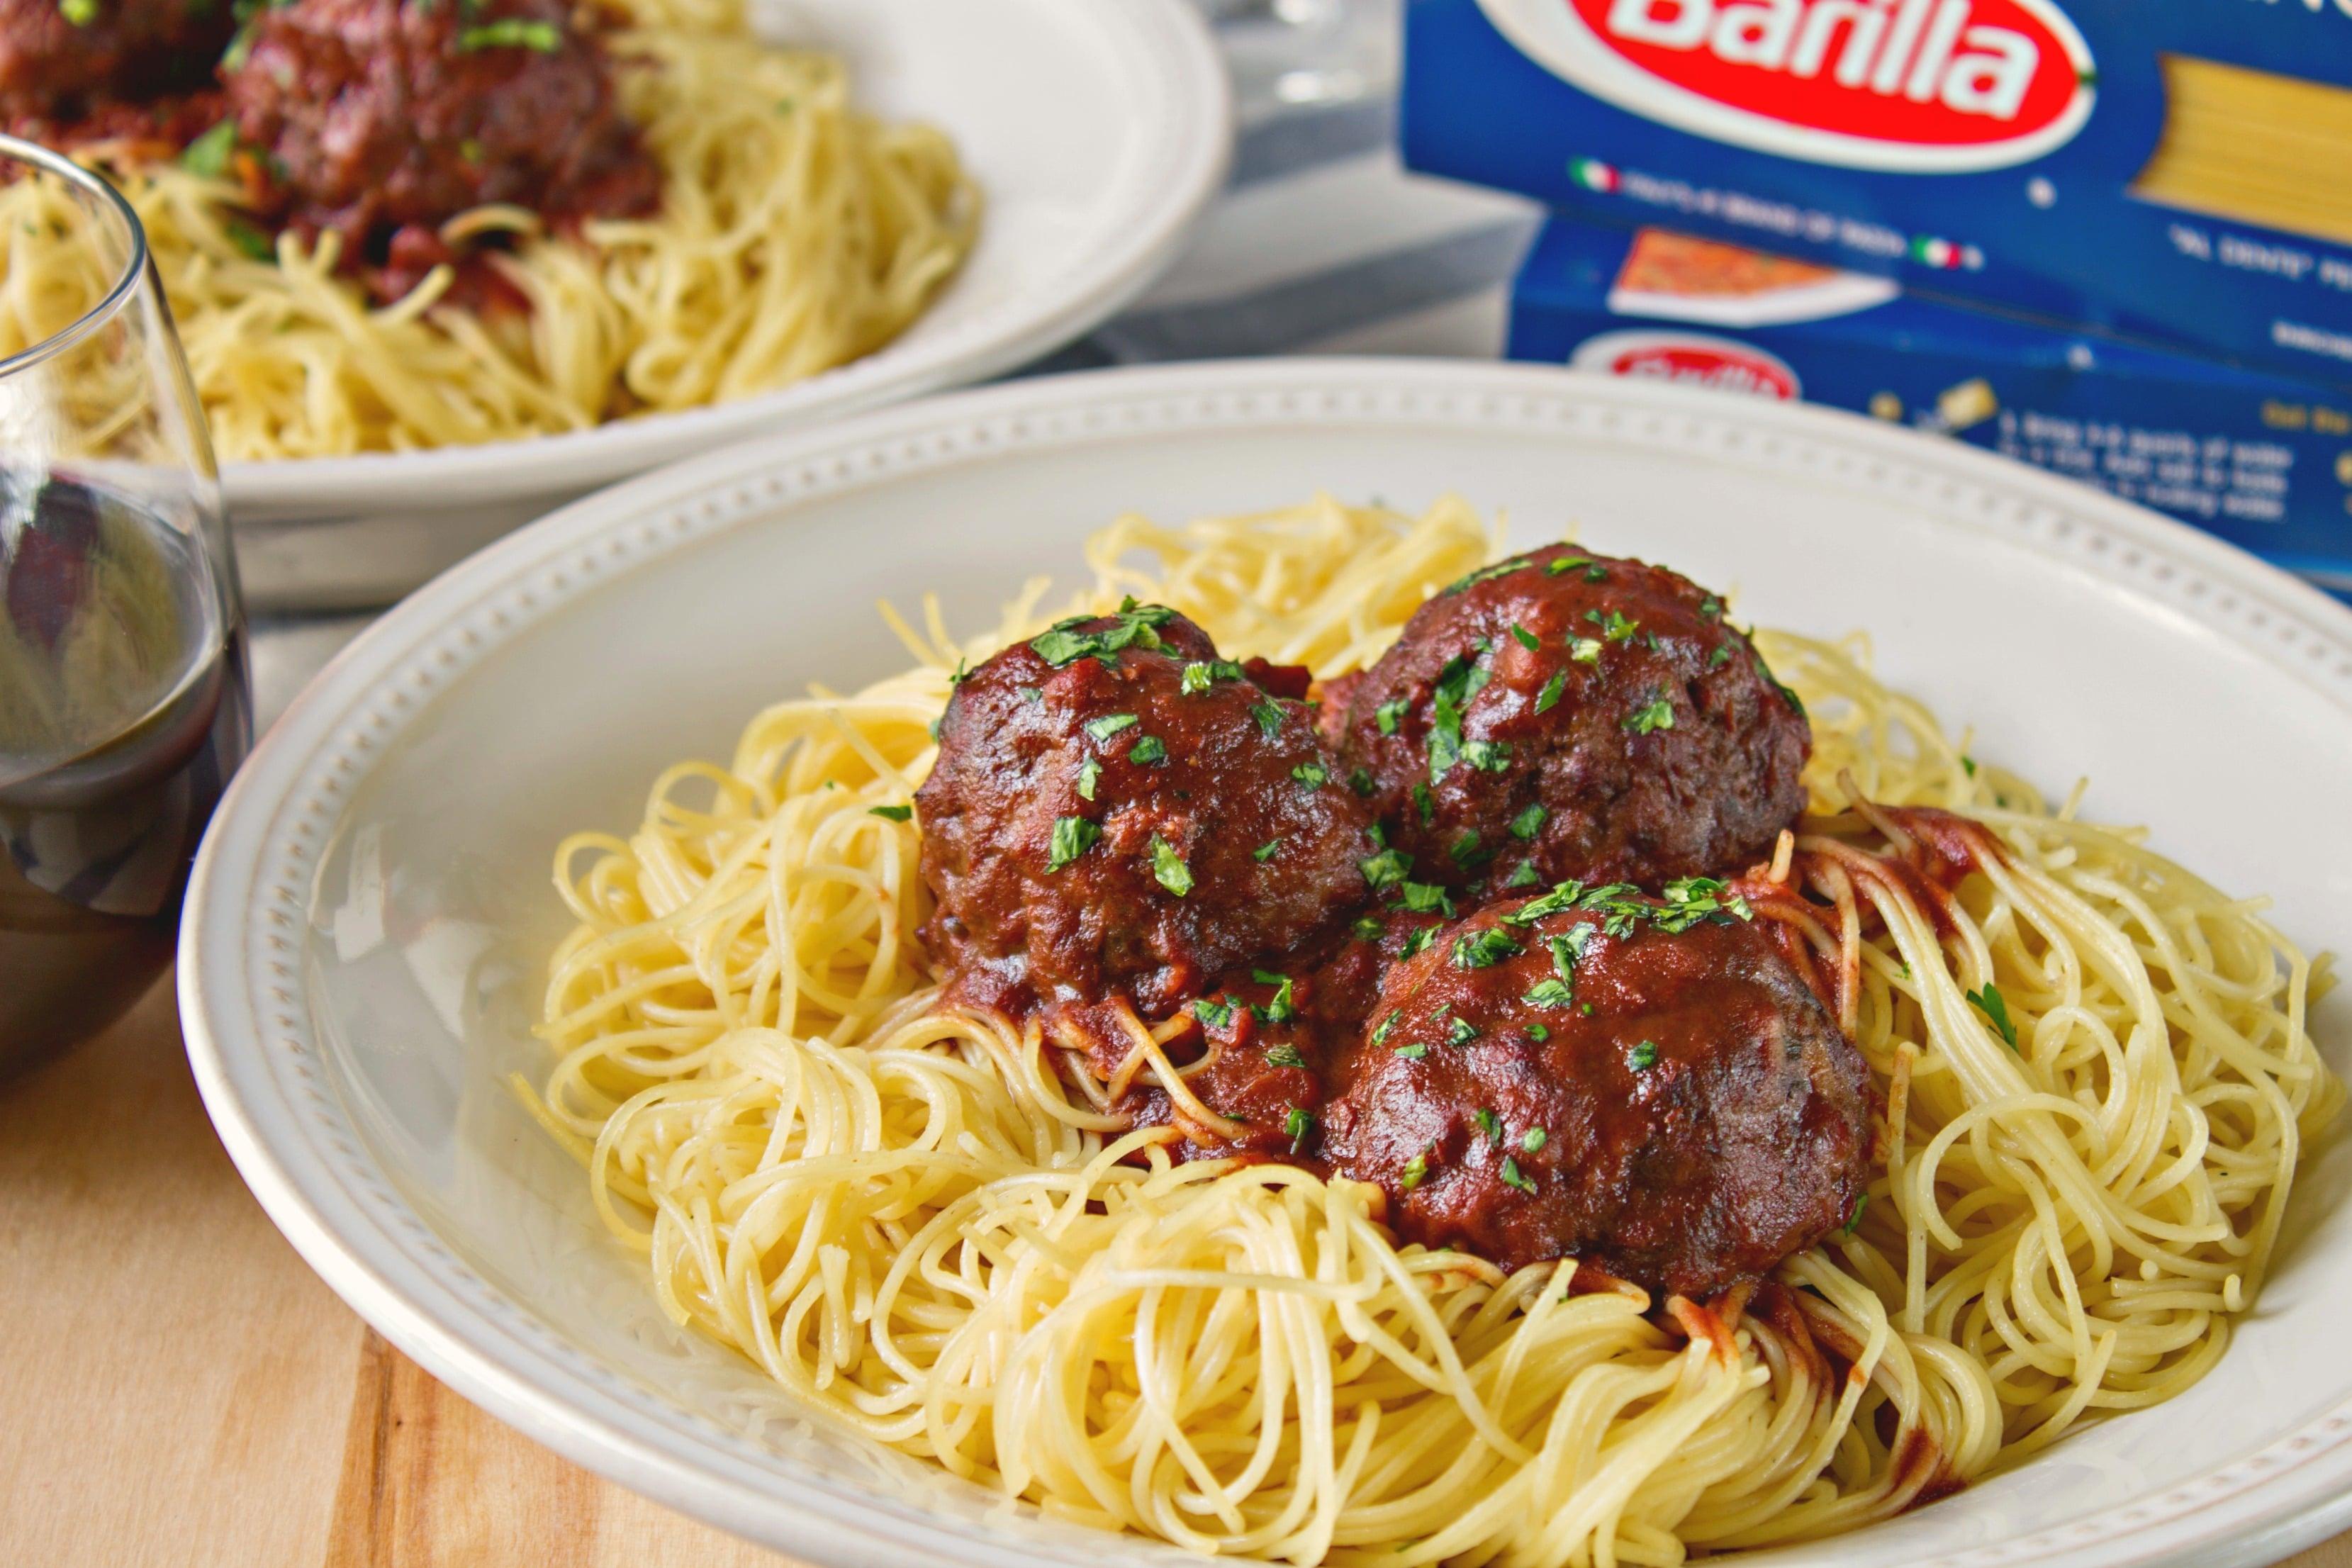 Plate of Drunken Spaghetti Meatballs